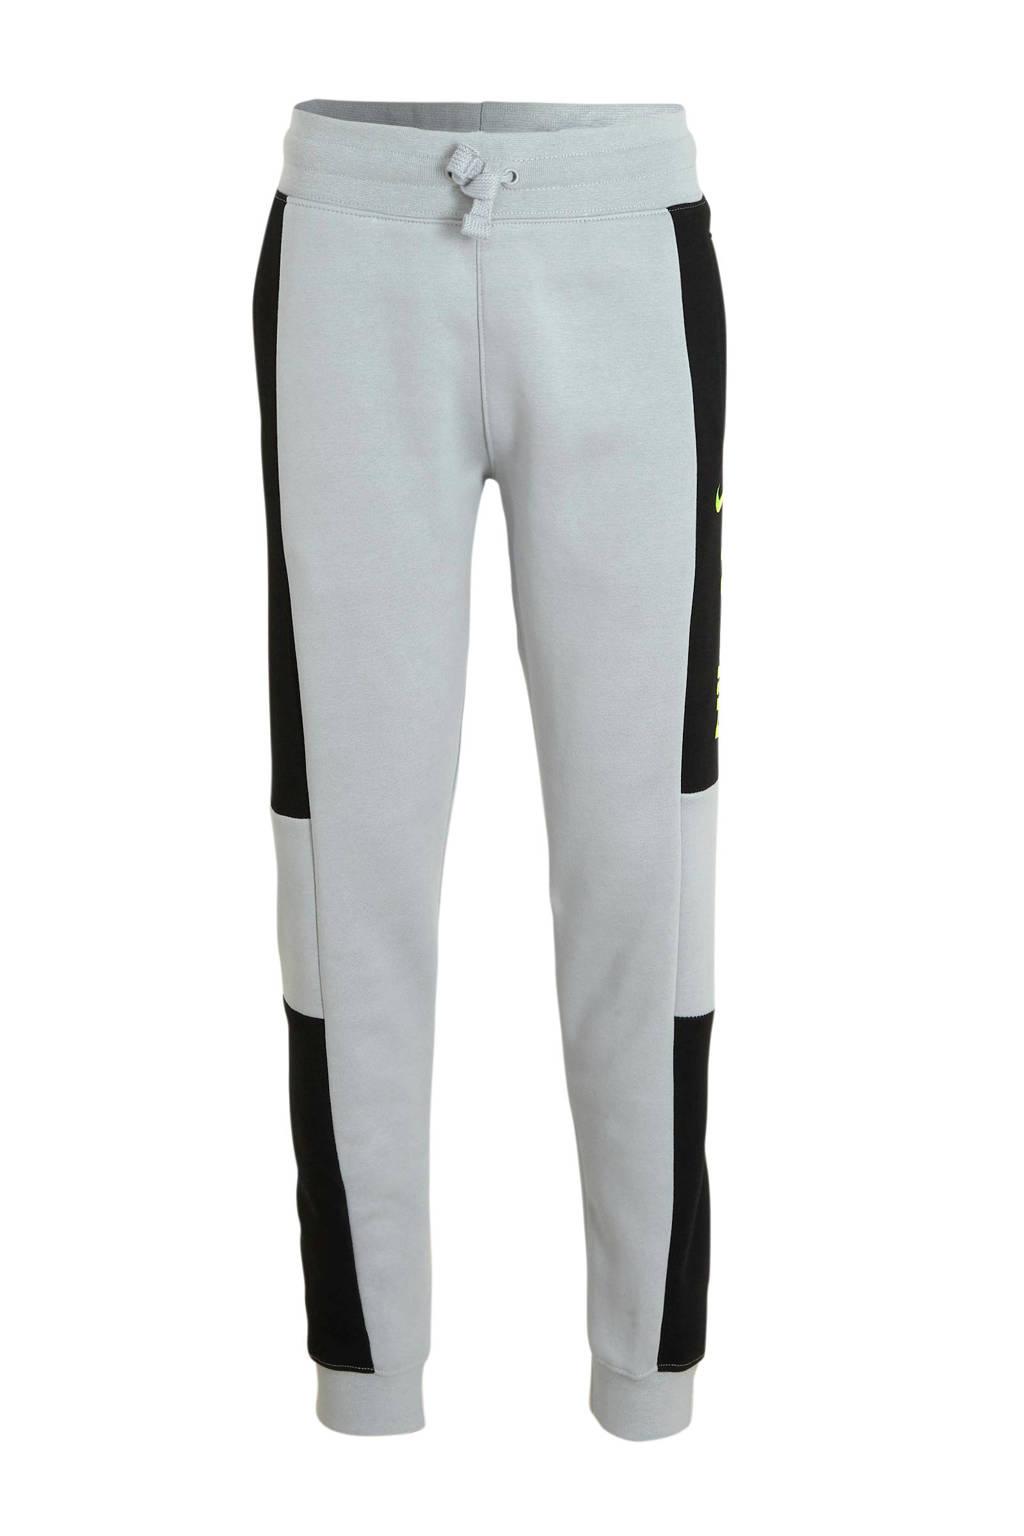 Nike   joggingbroek grijs/zwart, Grijs/zwart